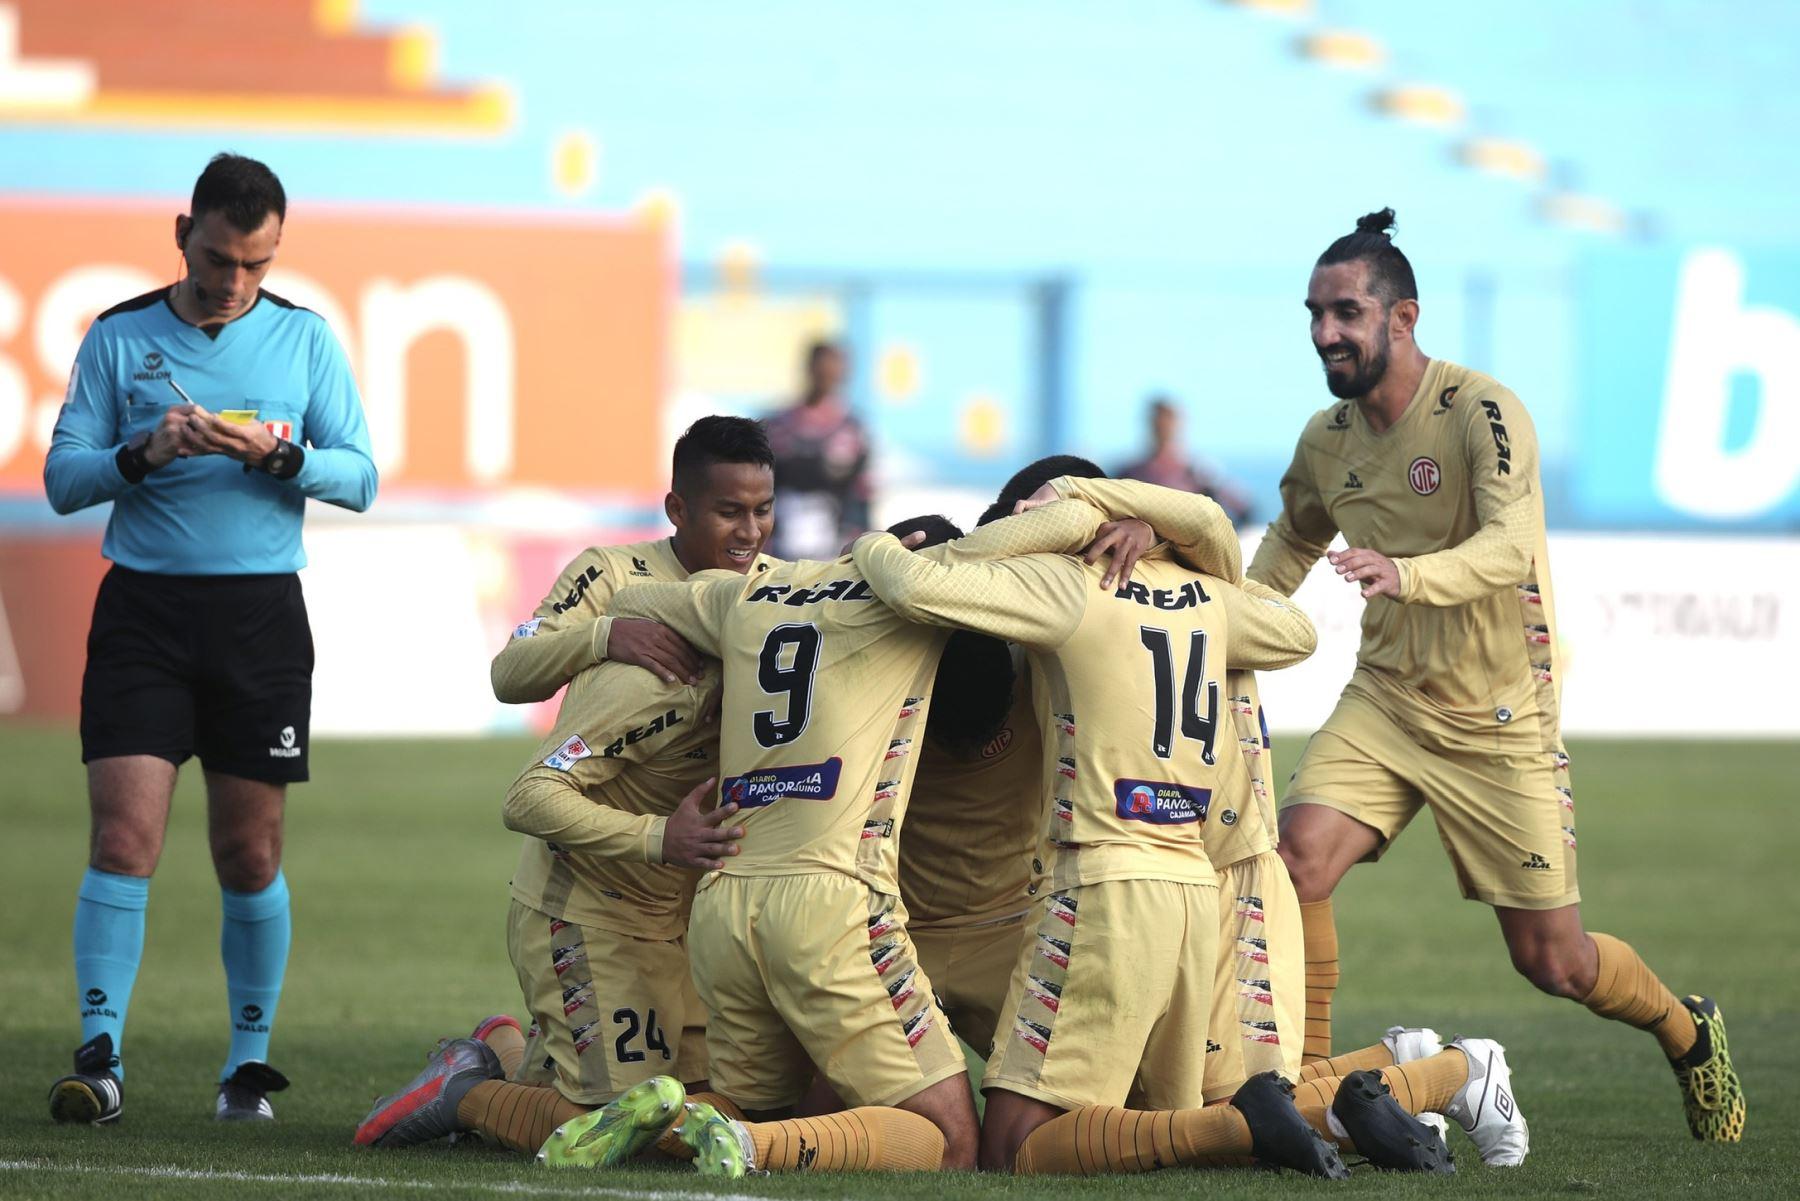 Futbolistas del  club UTC celebran el triunfo  ante su rival Sport Boys, por la jornada 10 de la Liga 1, en el estadio Alberto Gallardo.  Foto: LigaFutProf